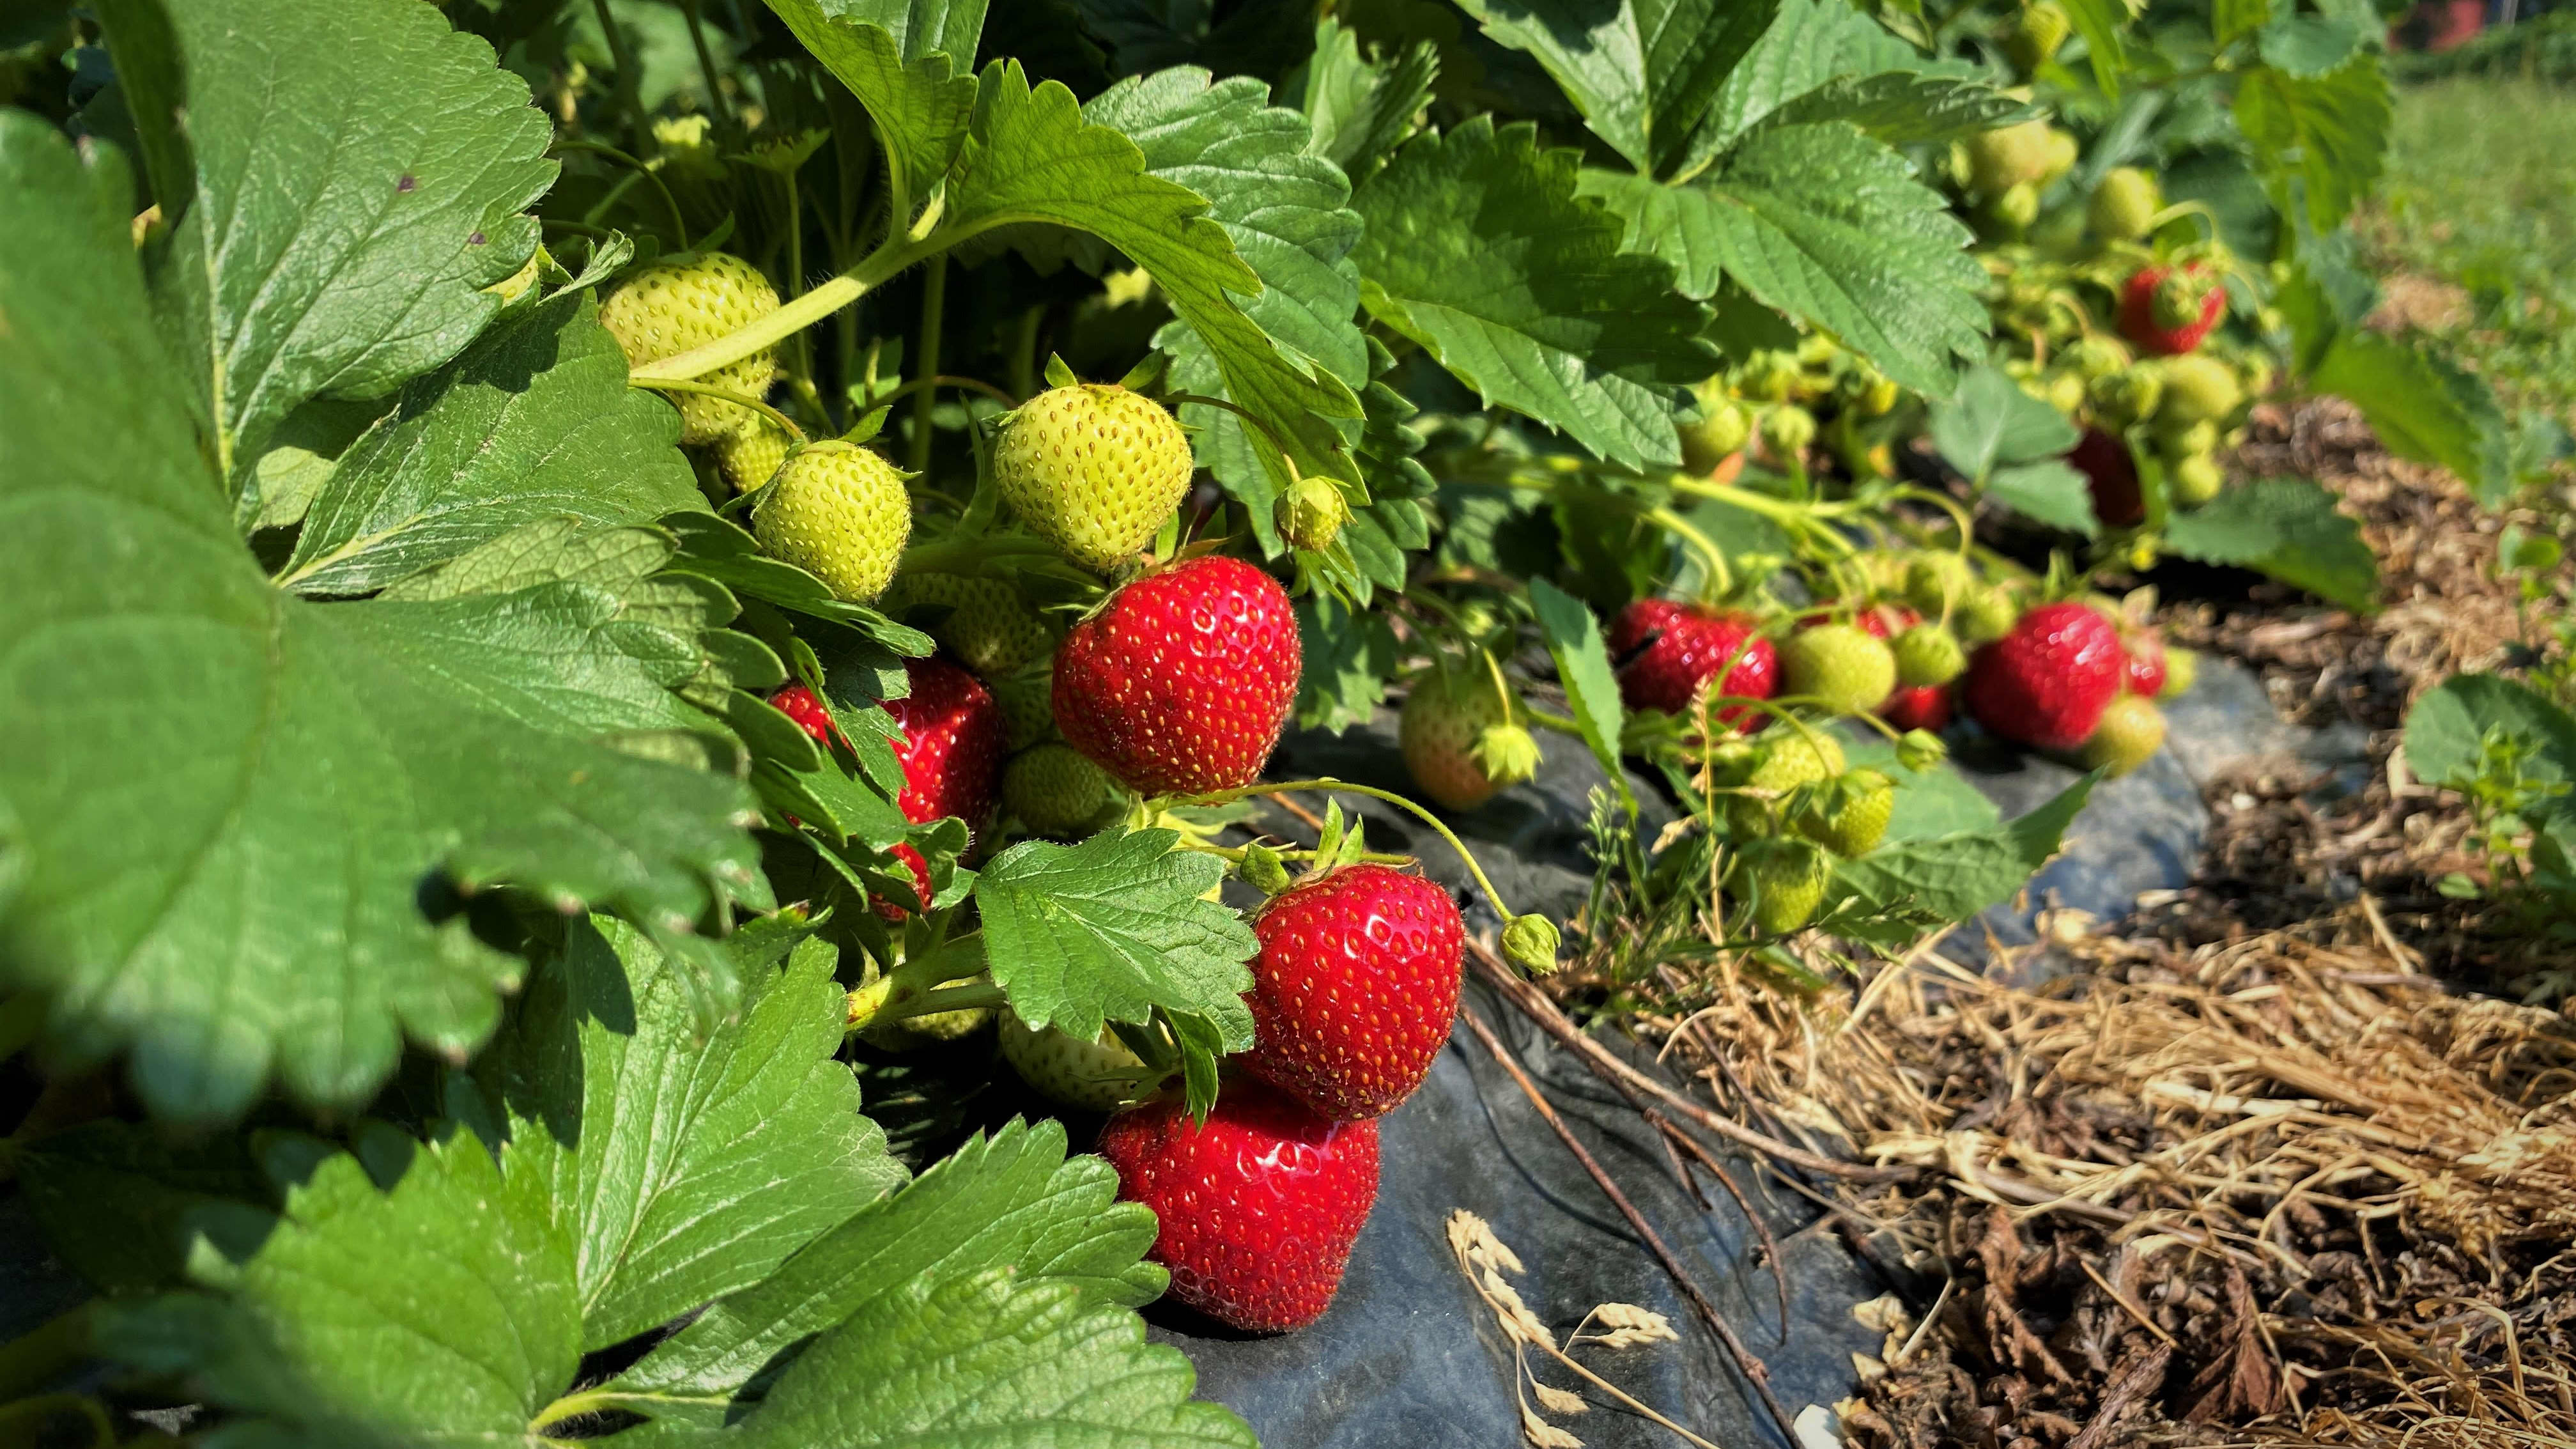 Kypsyneitä ja raakoja mansikoita mansikkapellolla.